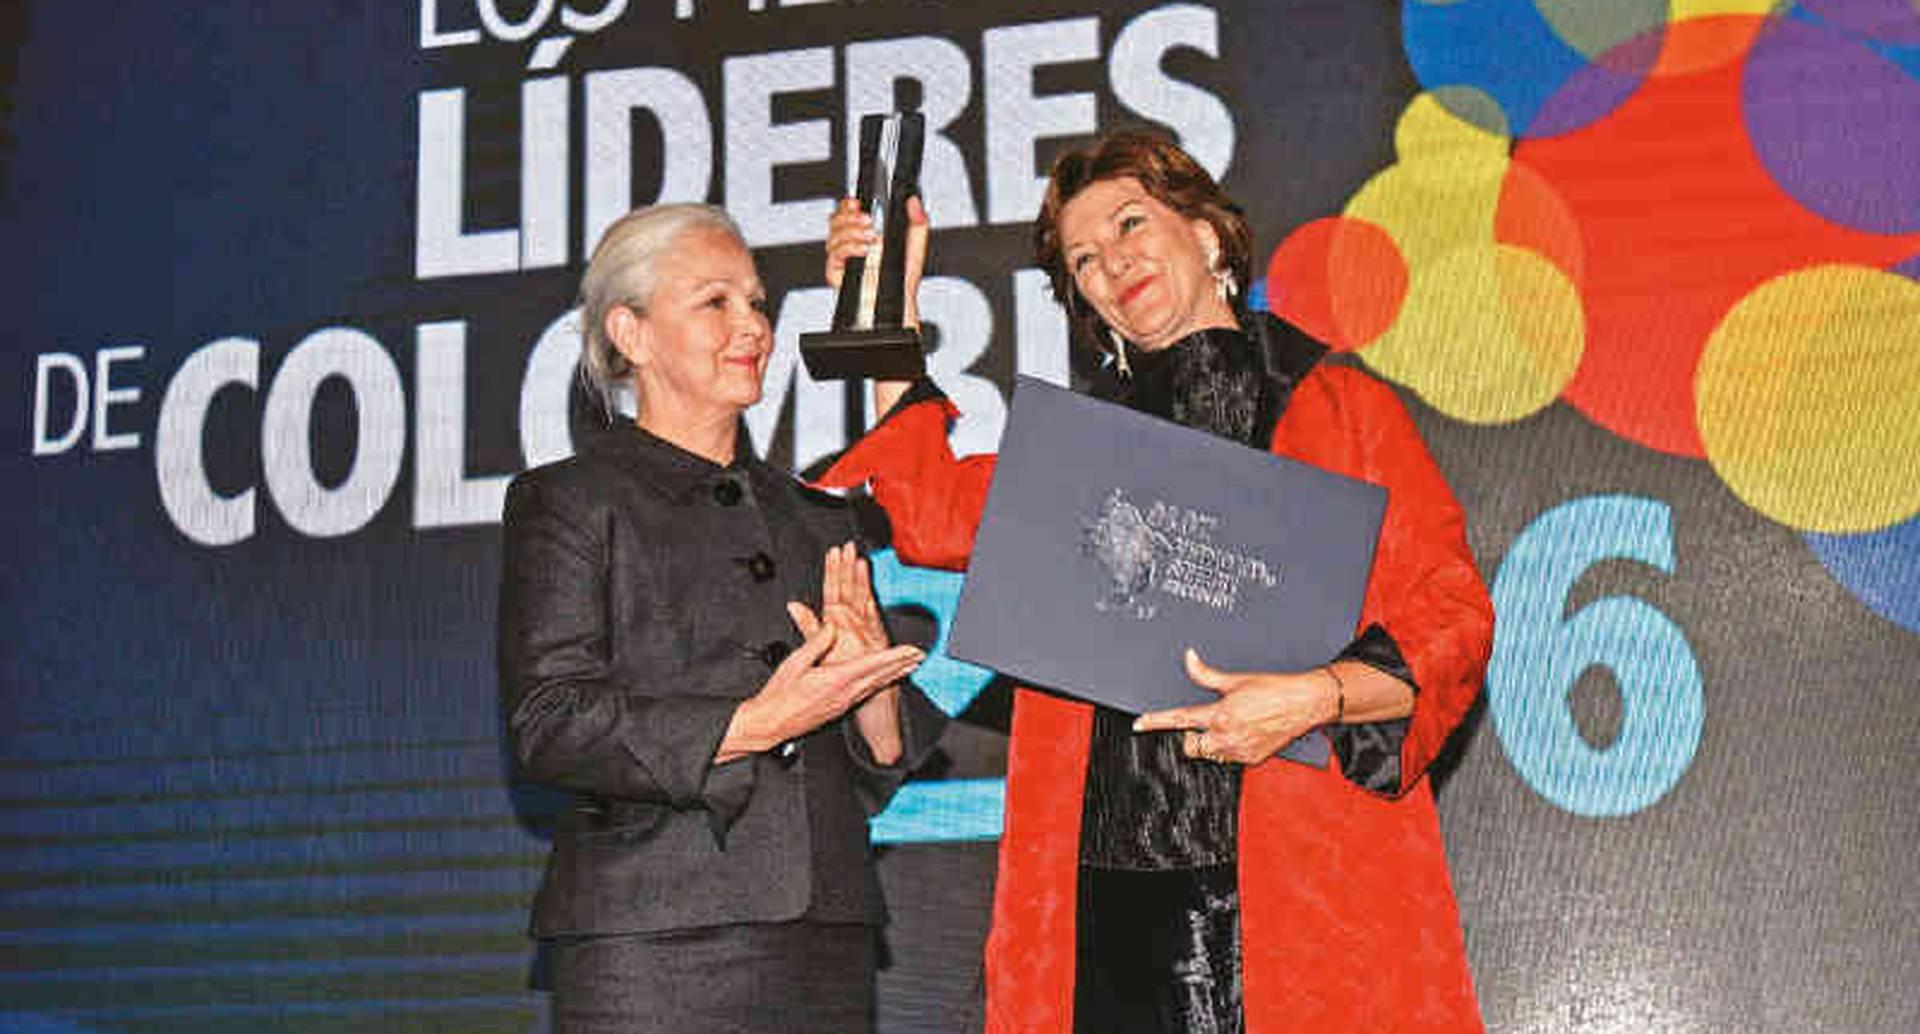 Claudia Triana, fundadora y directora del Fondo Mixto para la Promoción Cinematográfica (Proimágenes), se llevó el reconocimiento por promover una revolución en el cine colombiano al impulsar la Ley del Cine.